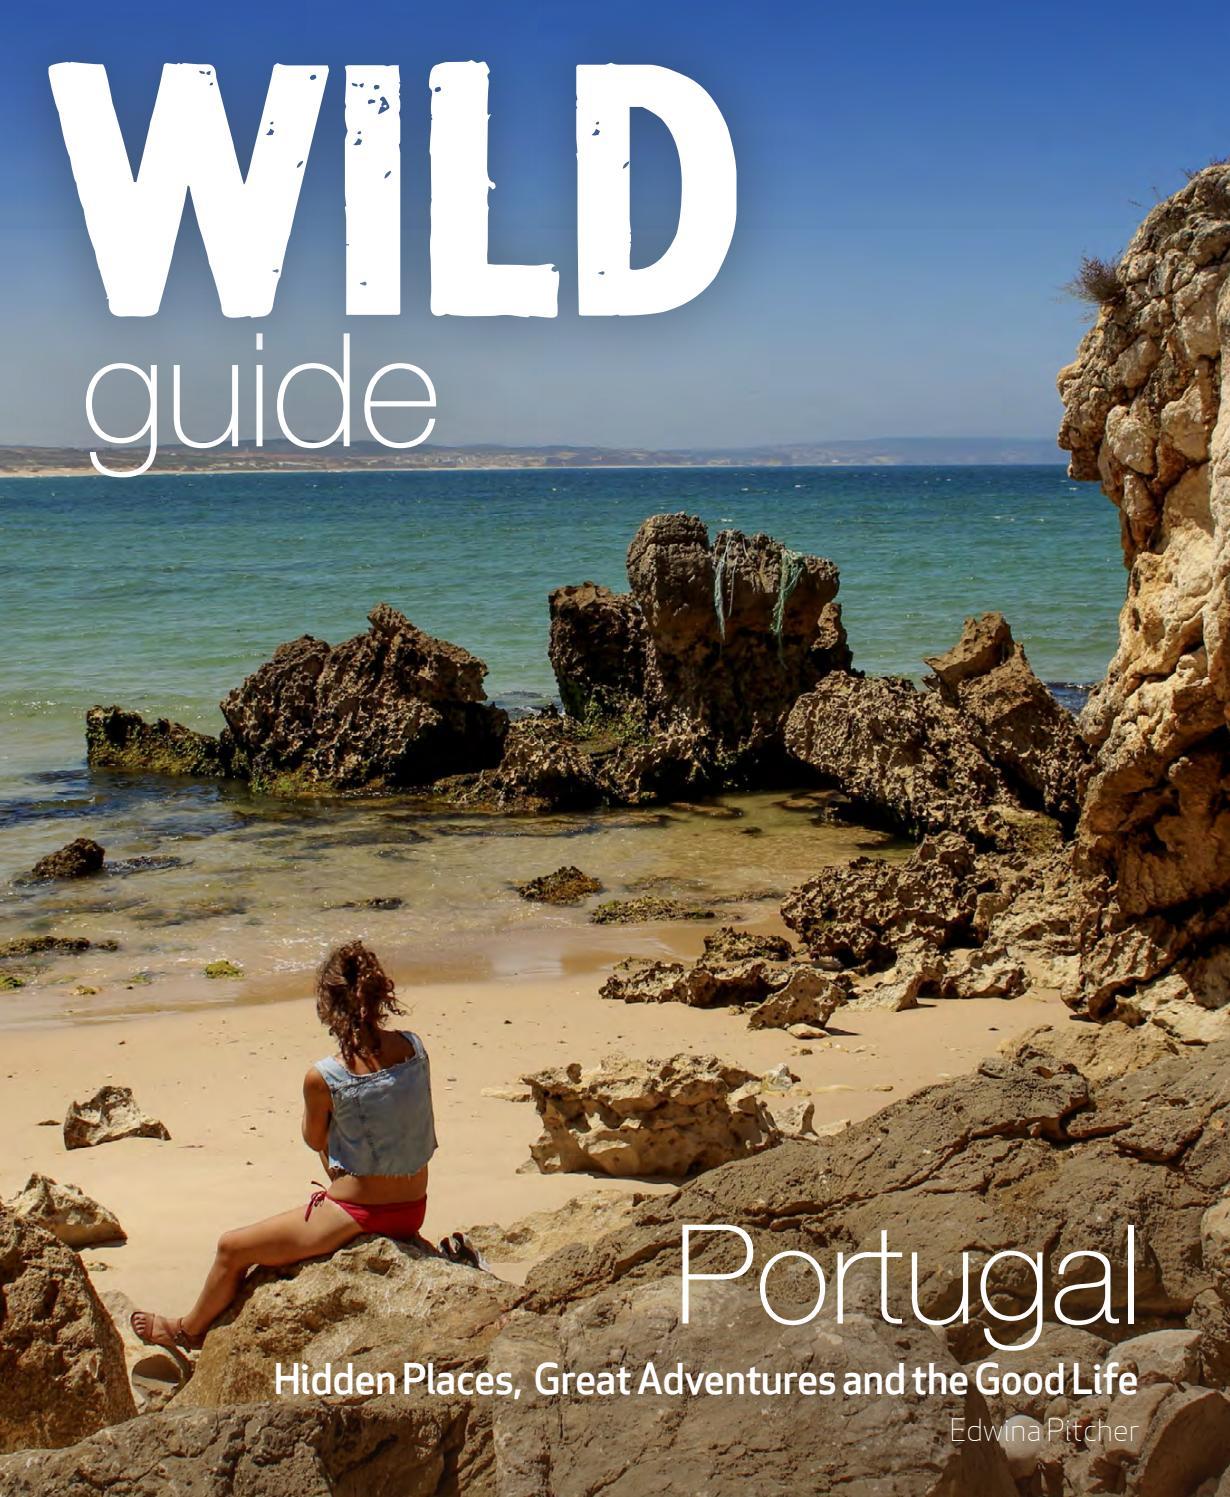 Ana Morgade Porn Tube wild guide portugalmartin ripsam - issuu